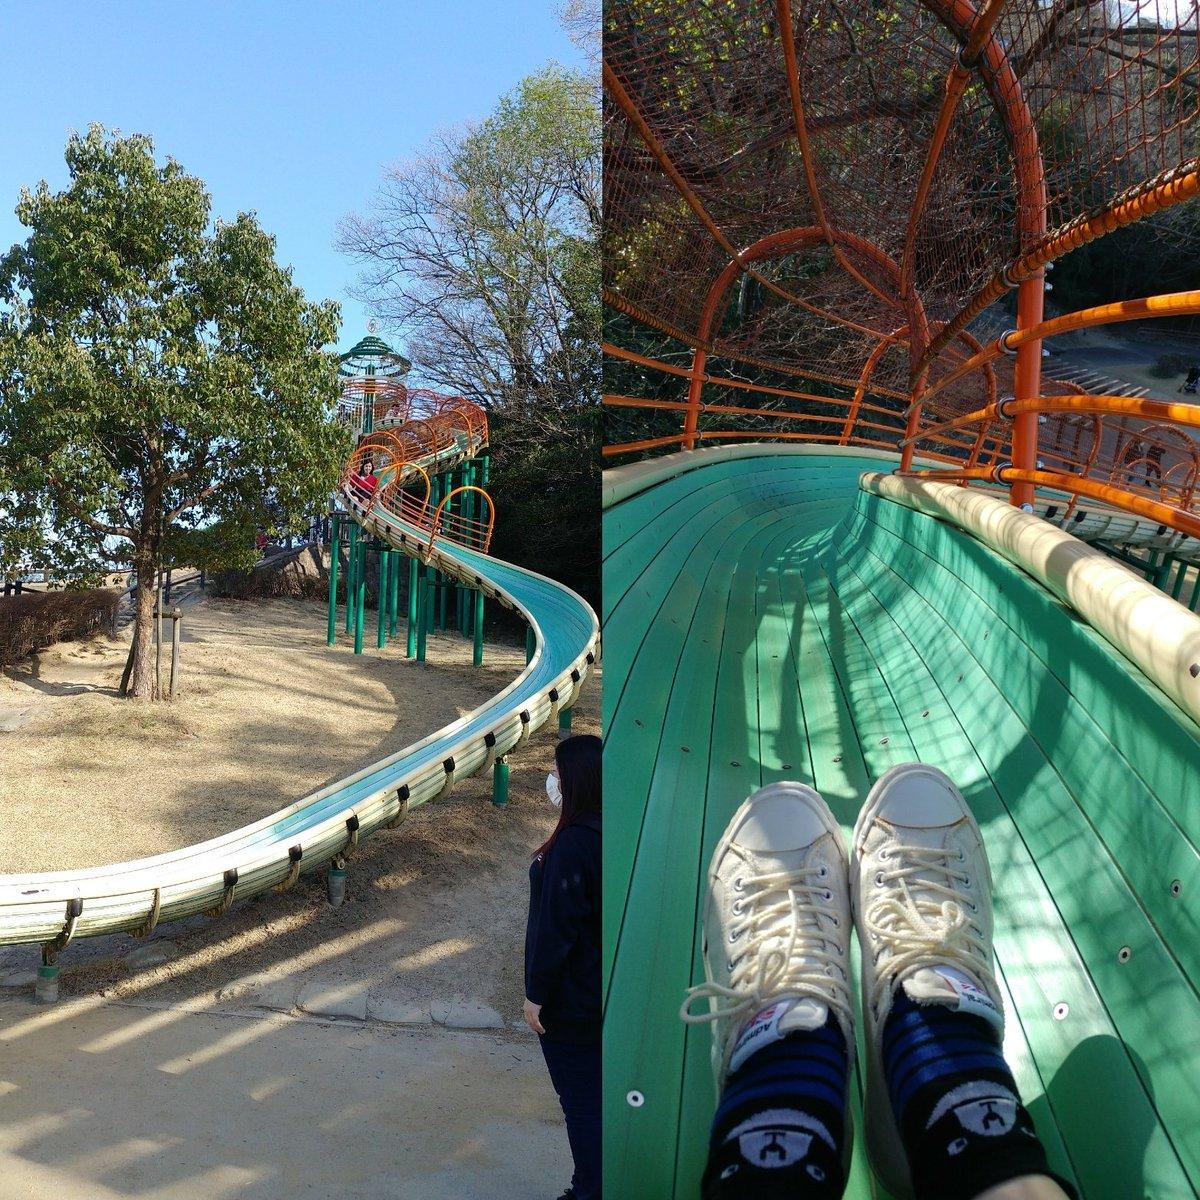 大人だって滑る ちょい、スッキリ。ロングスライダー 順番に並んで #ロングスライダー#ちびっこ#春の公園